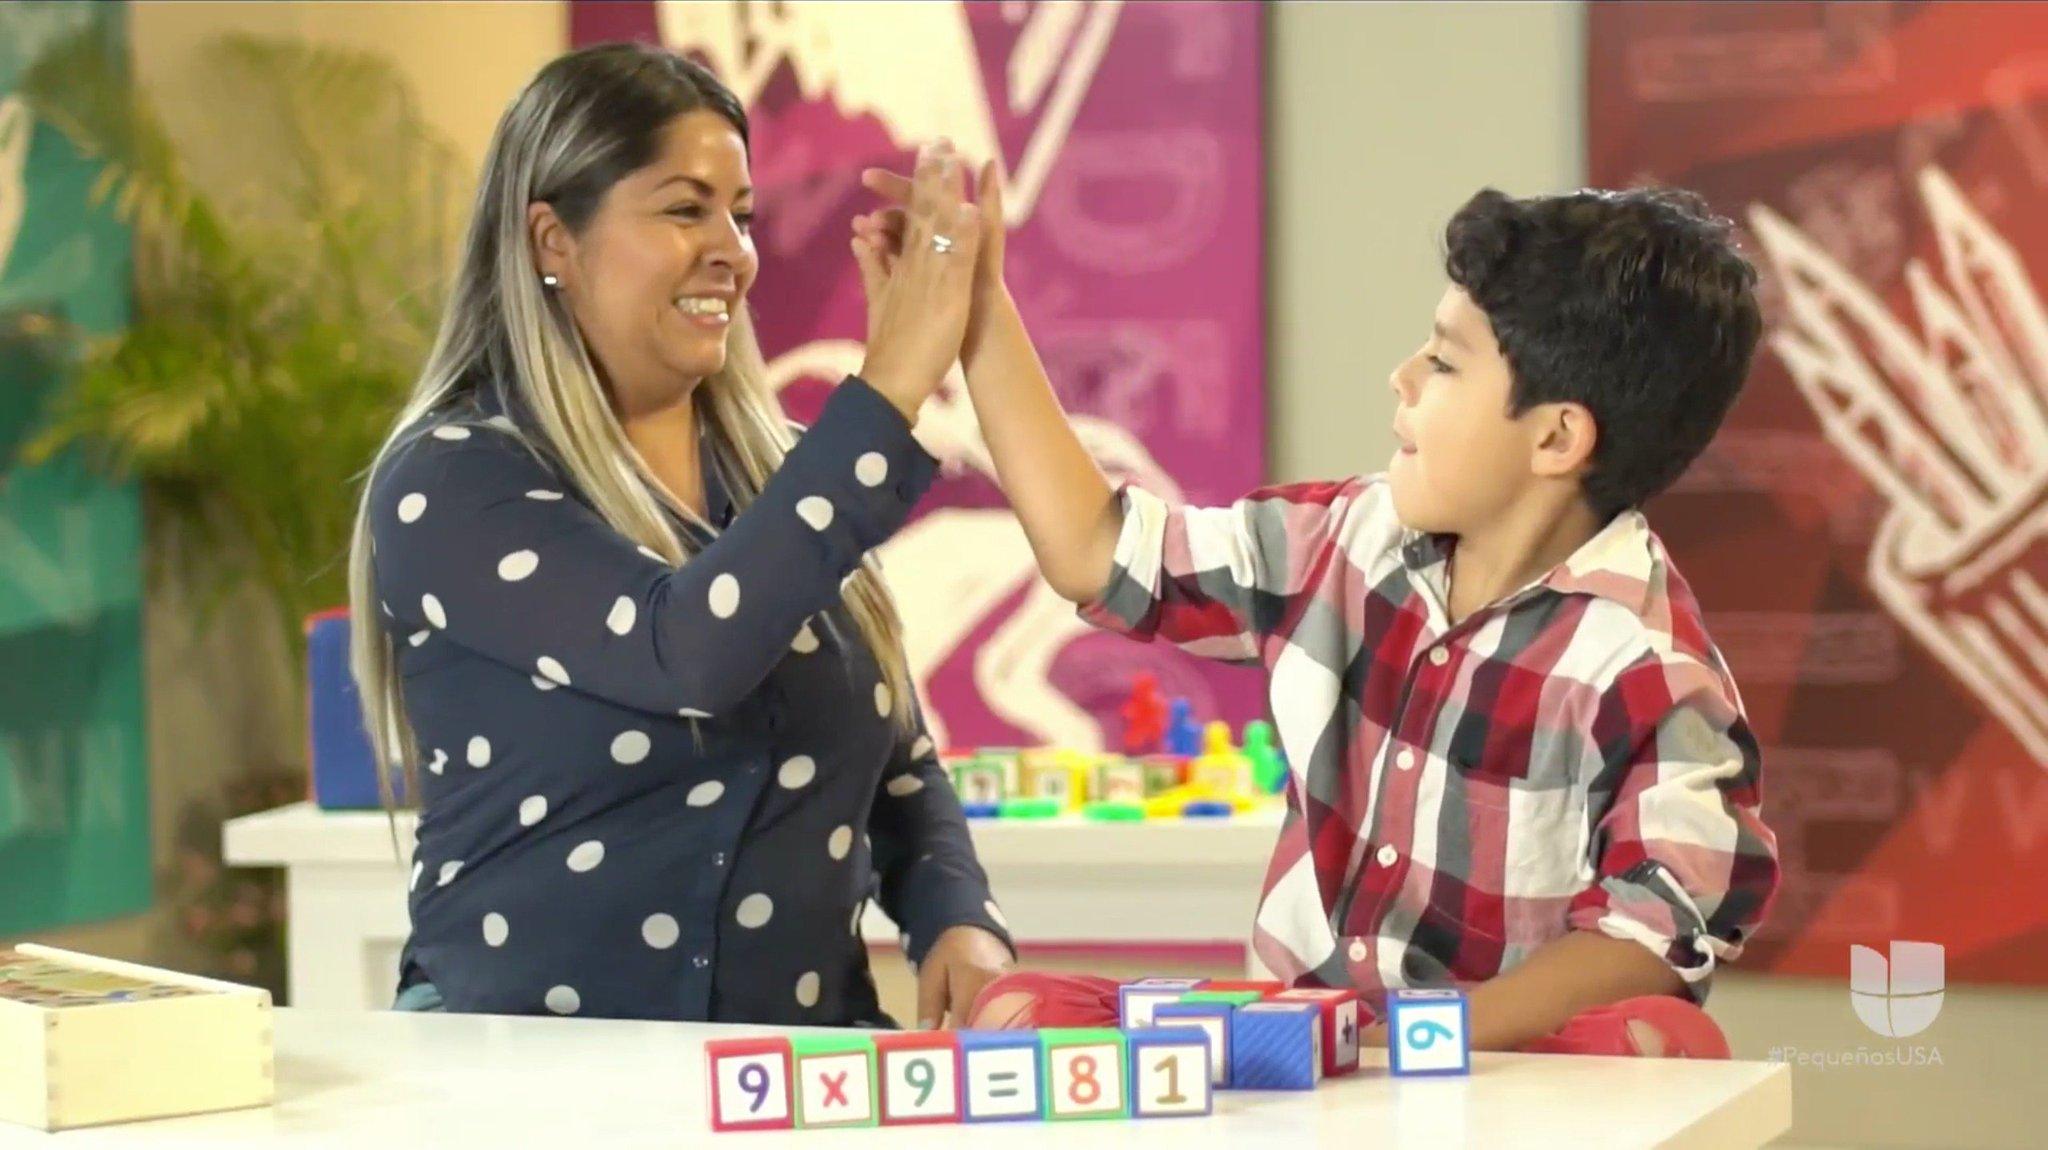 Paulo, uno de nuestros #PequeñosGigantes, es un excelente bailarín pero también le gustan las matemáticas. Su madre le enseñó a sumar y a restar jugando. Si necesitas ideas para tus hijos manda un mensaje con la palabra 'CONSEJOS' al 26262 y recibirás información gratuita. https://t.co/zOPvL3wKc1